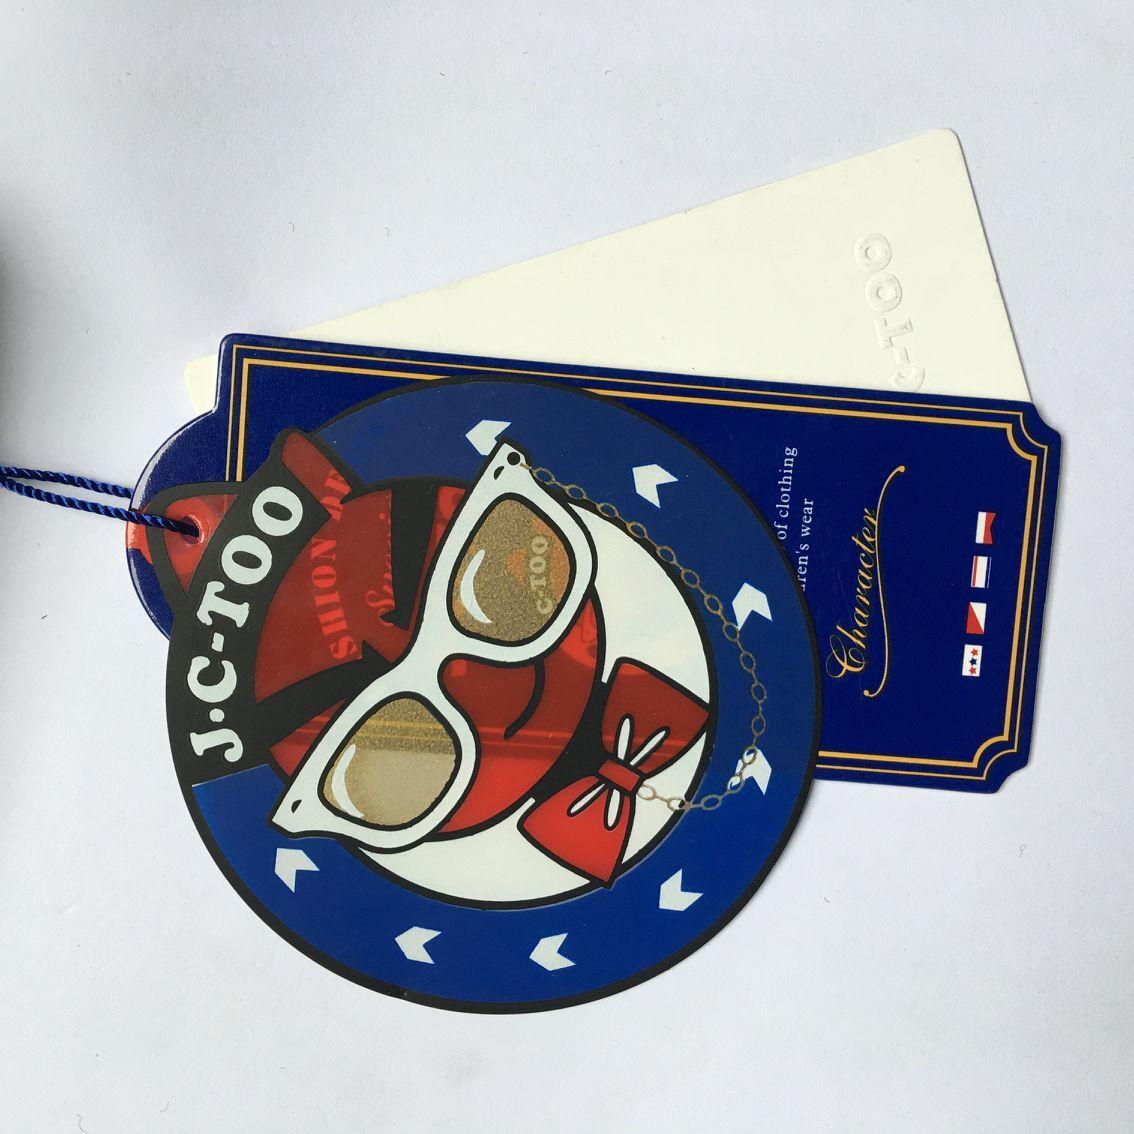 推荐吊牌印刷厂家服装吊牌订做衣服吊牌价格-专业的吊牌